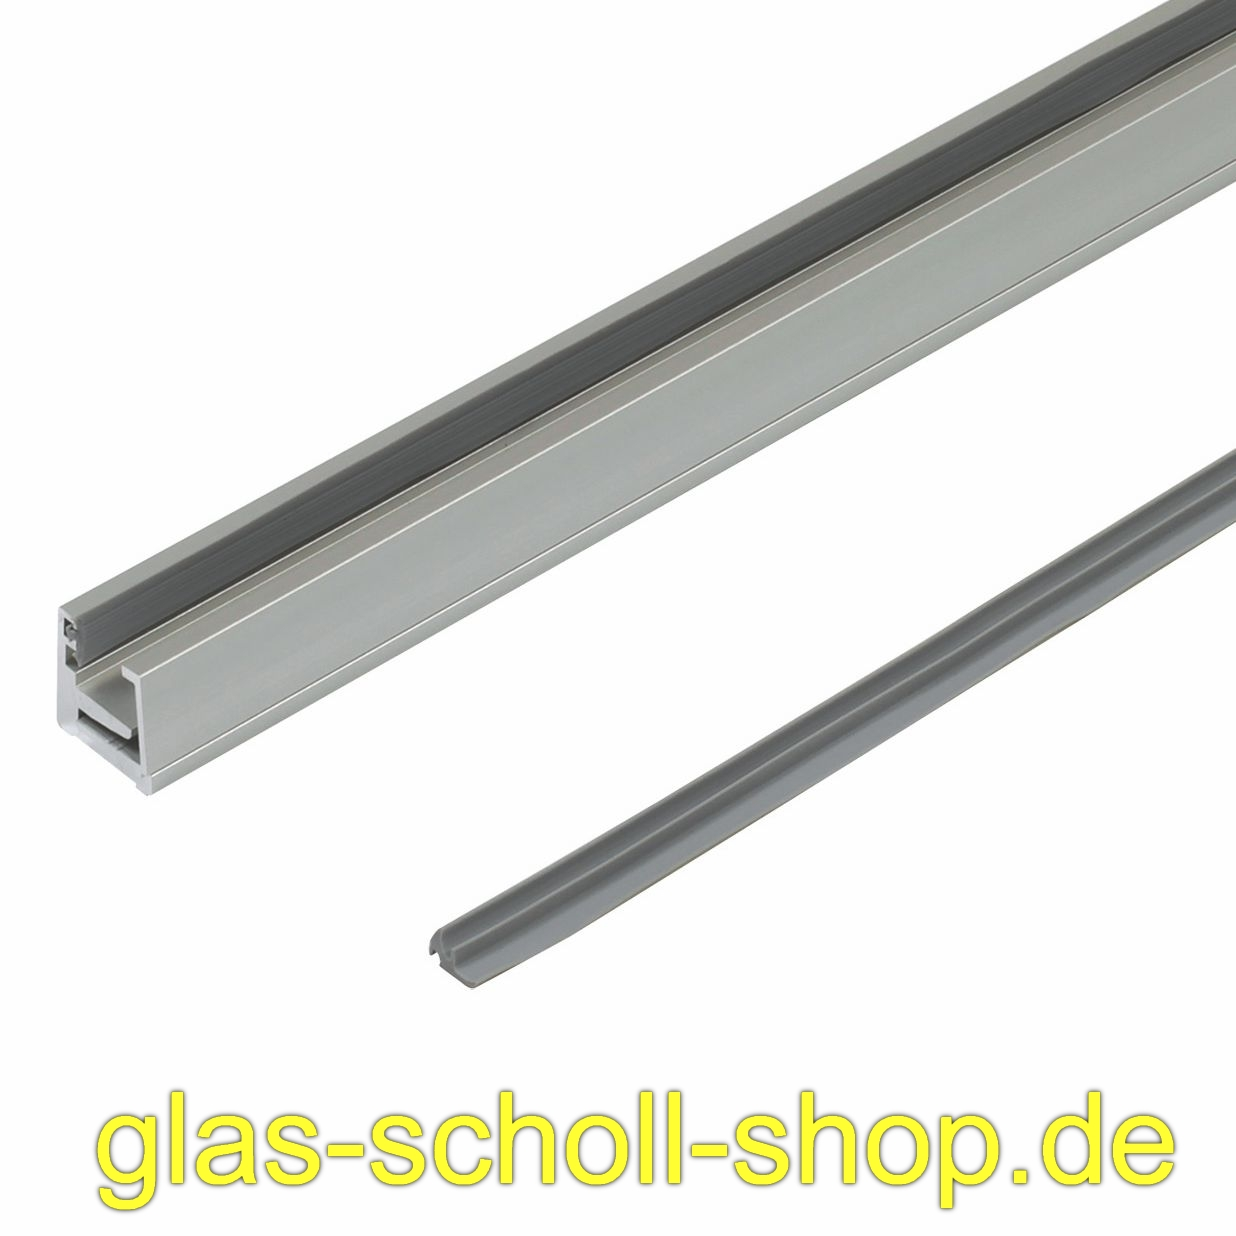 Glas Scholl Webshop | Rahmen-Wandanschluss-Klemmprofil MR22 für Ganz ...